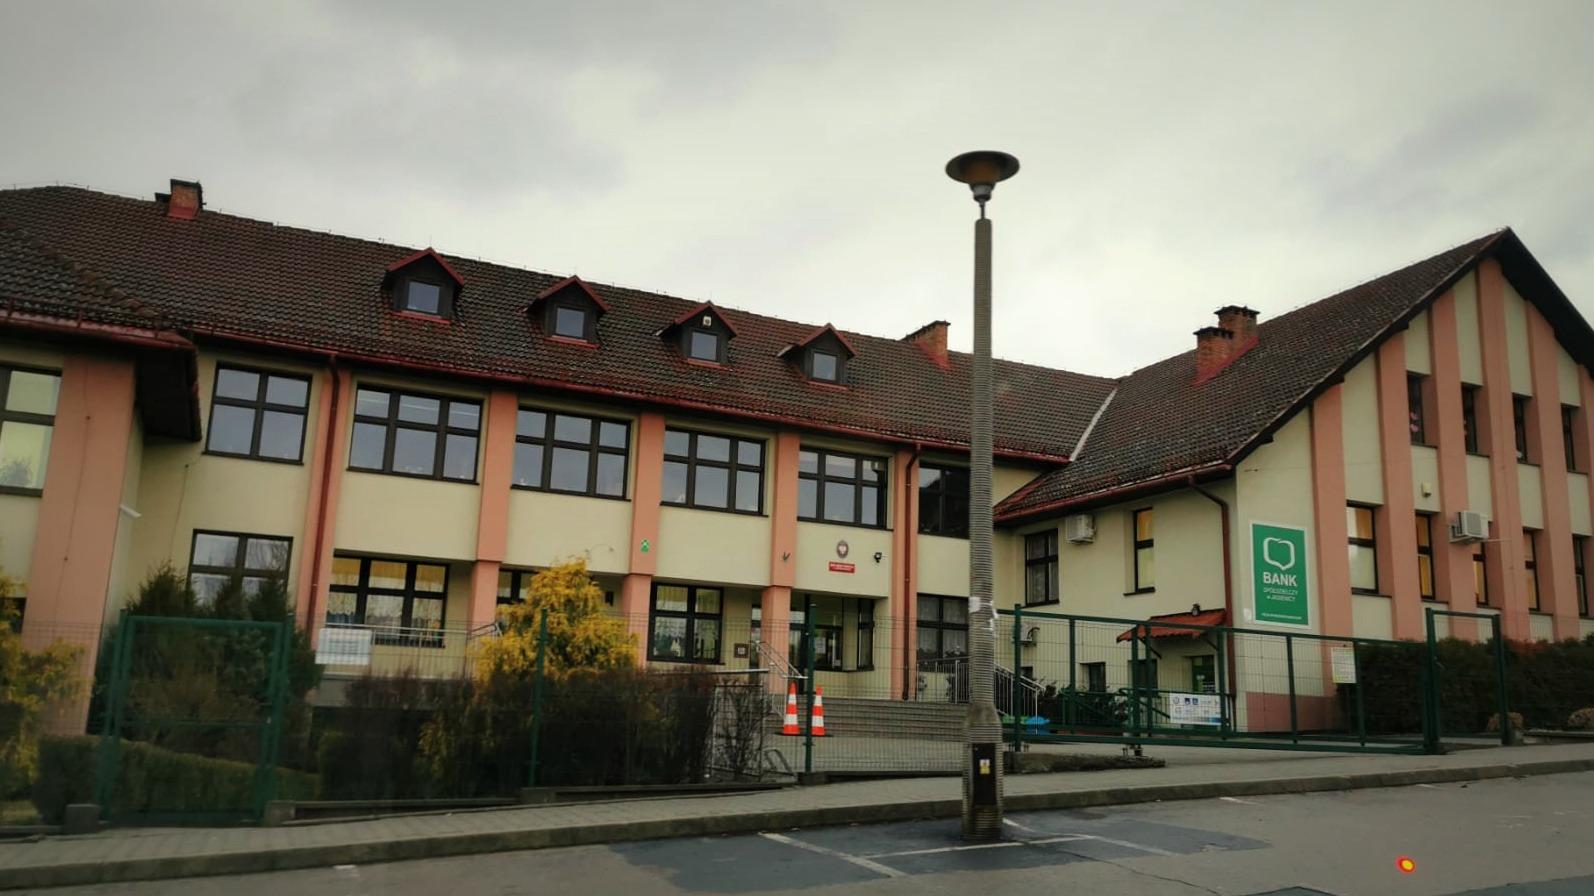 bielsko.info: Wójt odwołał zajęcia dydaktyczne w szkole. Obawa przed koronawirusem - Bielsko-Biała